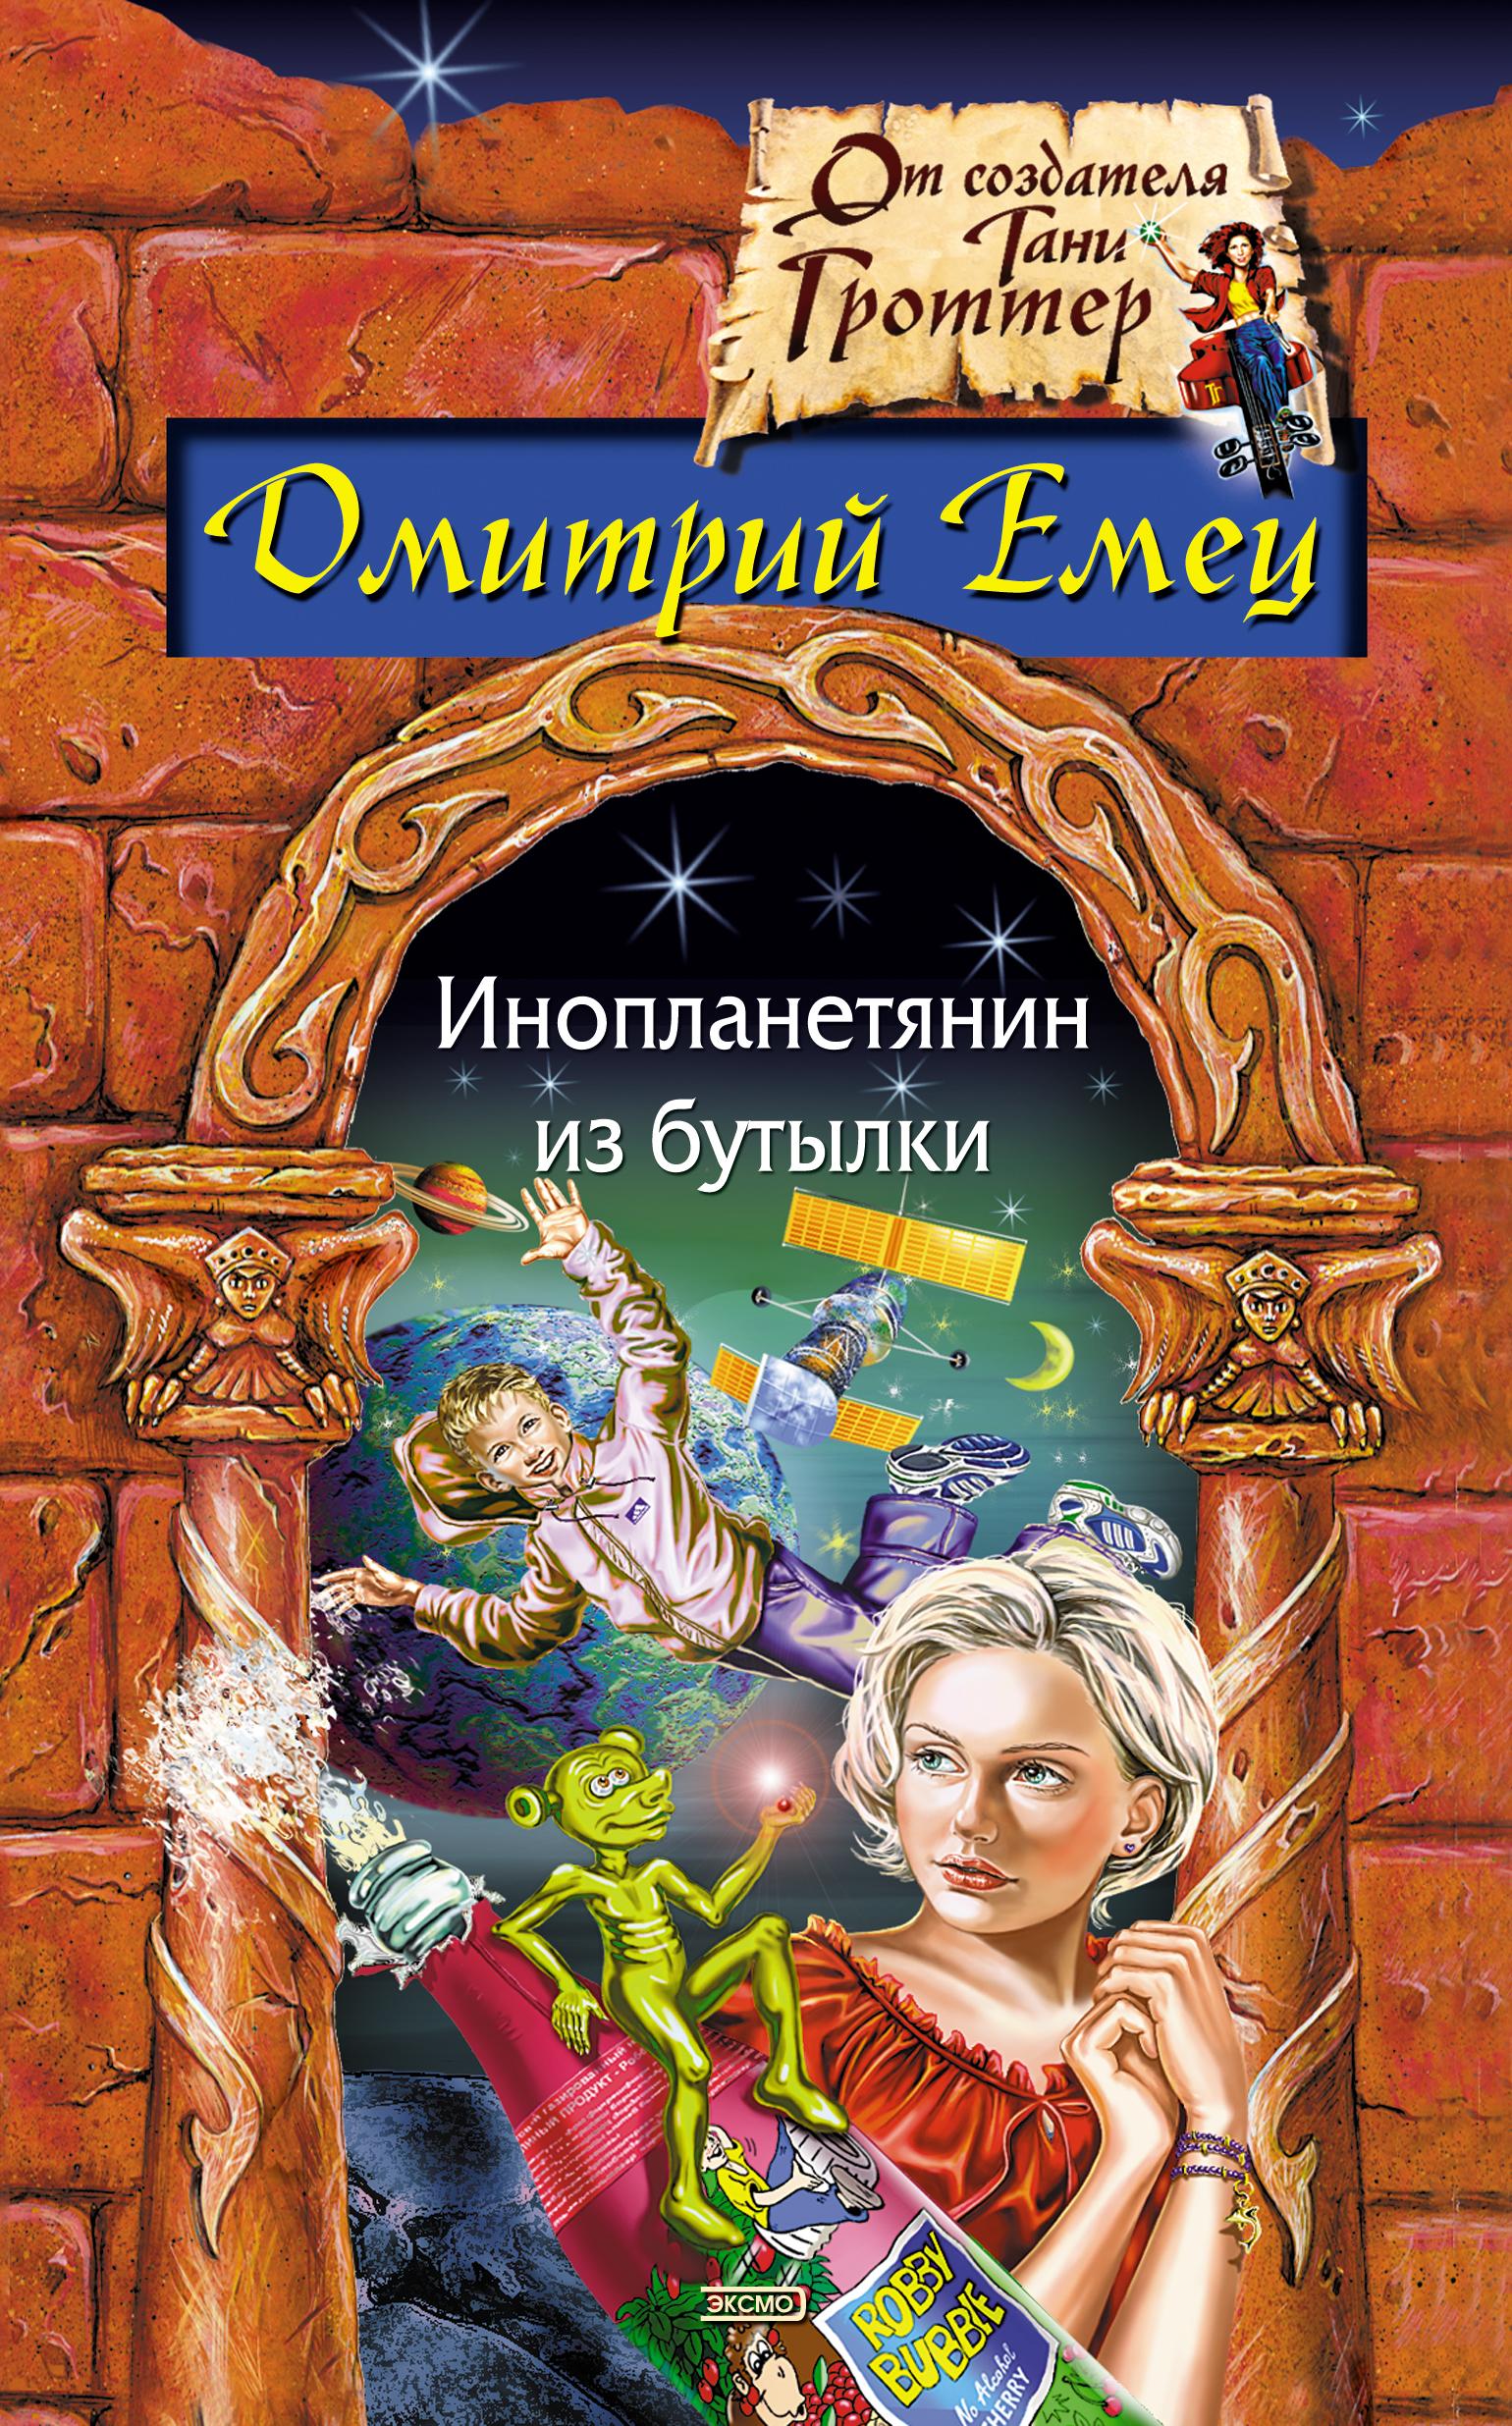 Дмитрий Емец С Новым годом, снеговик! дмитрий емец бунт пупсиков